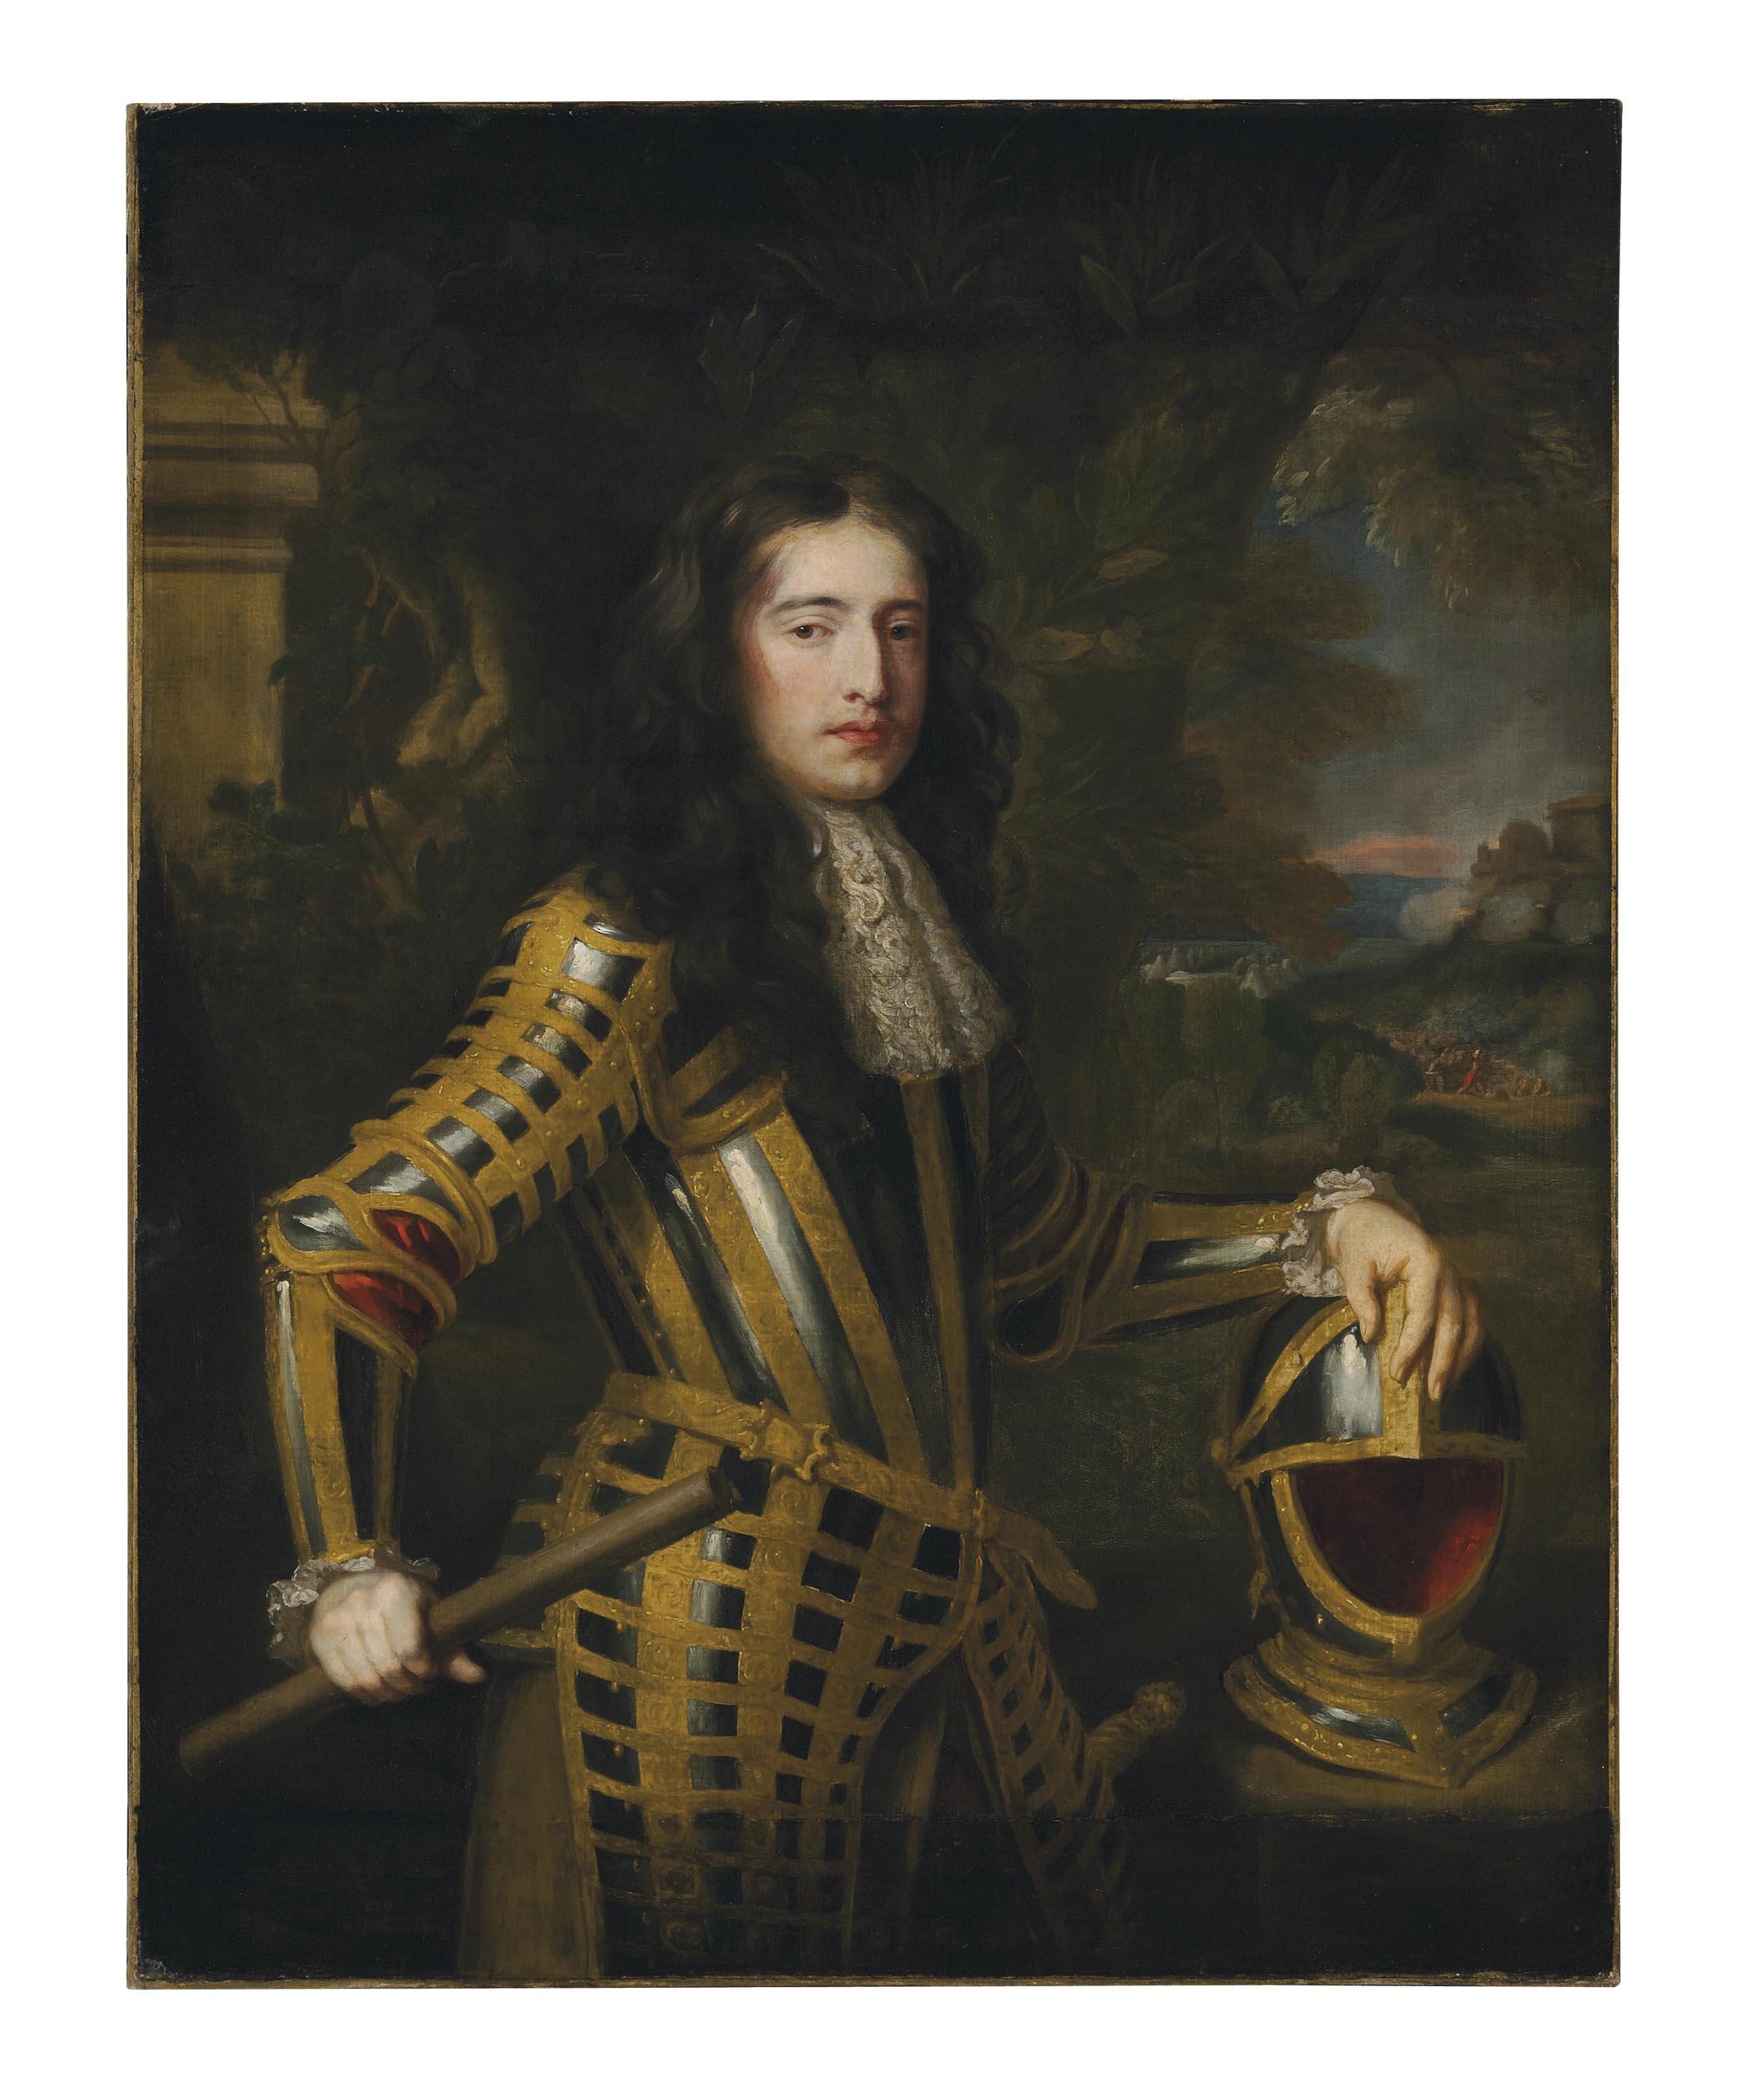 Willem Wissing (Dutch, 1656-16